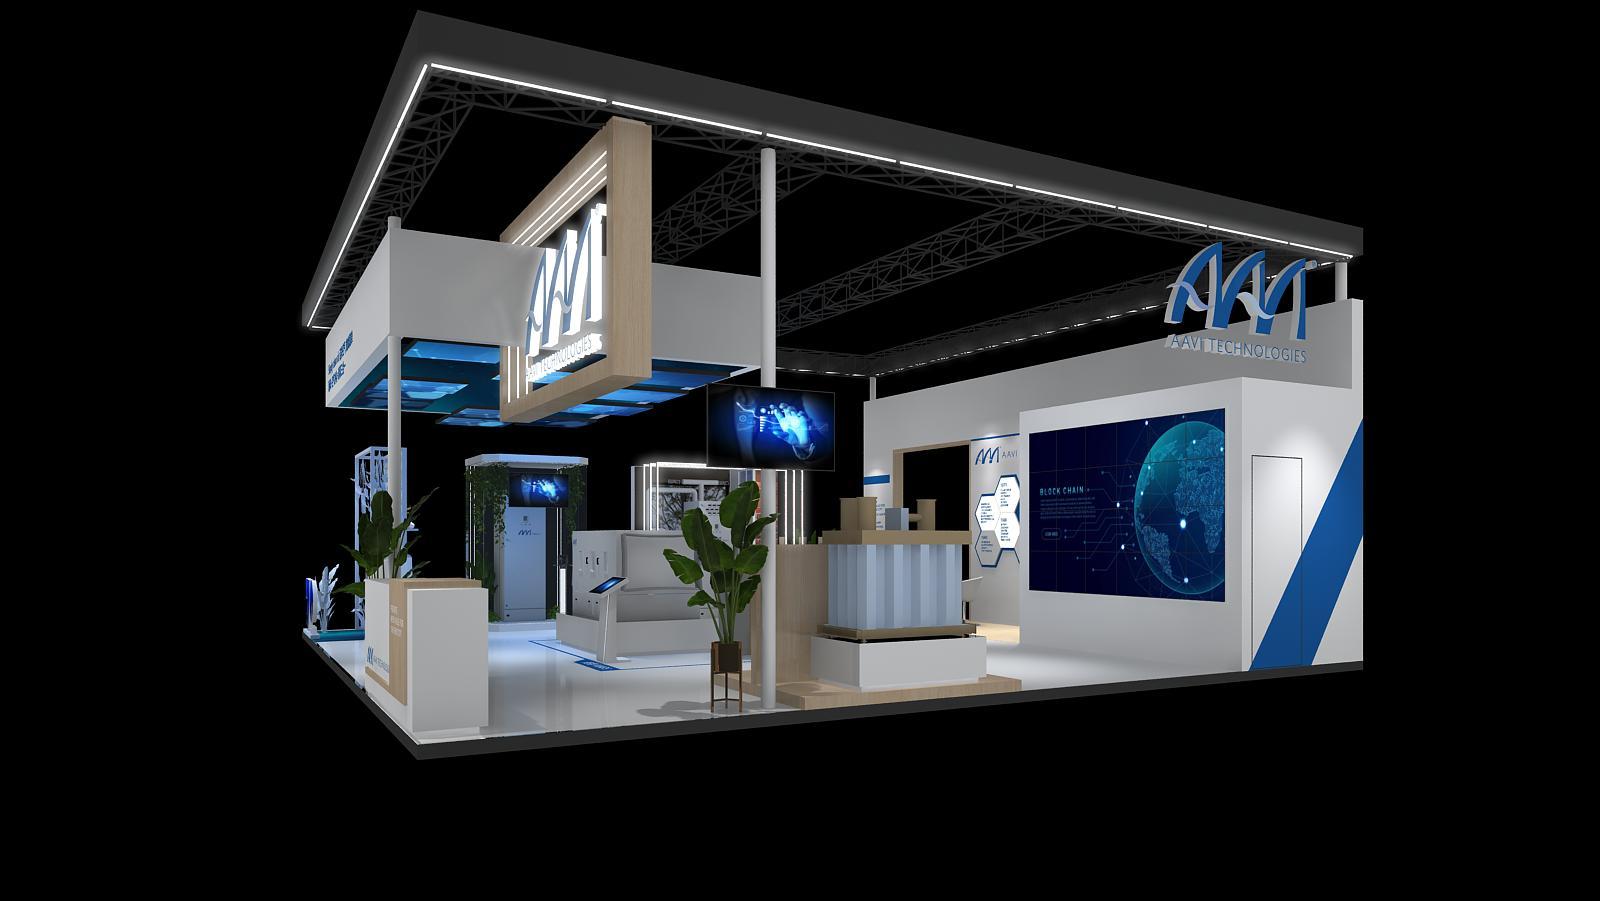 雅威AAVI-第三届进博会展台设计搭建案例